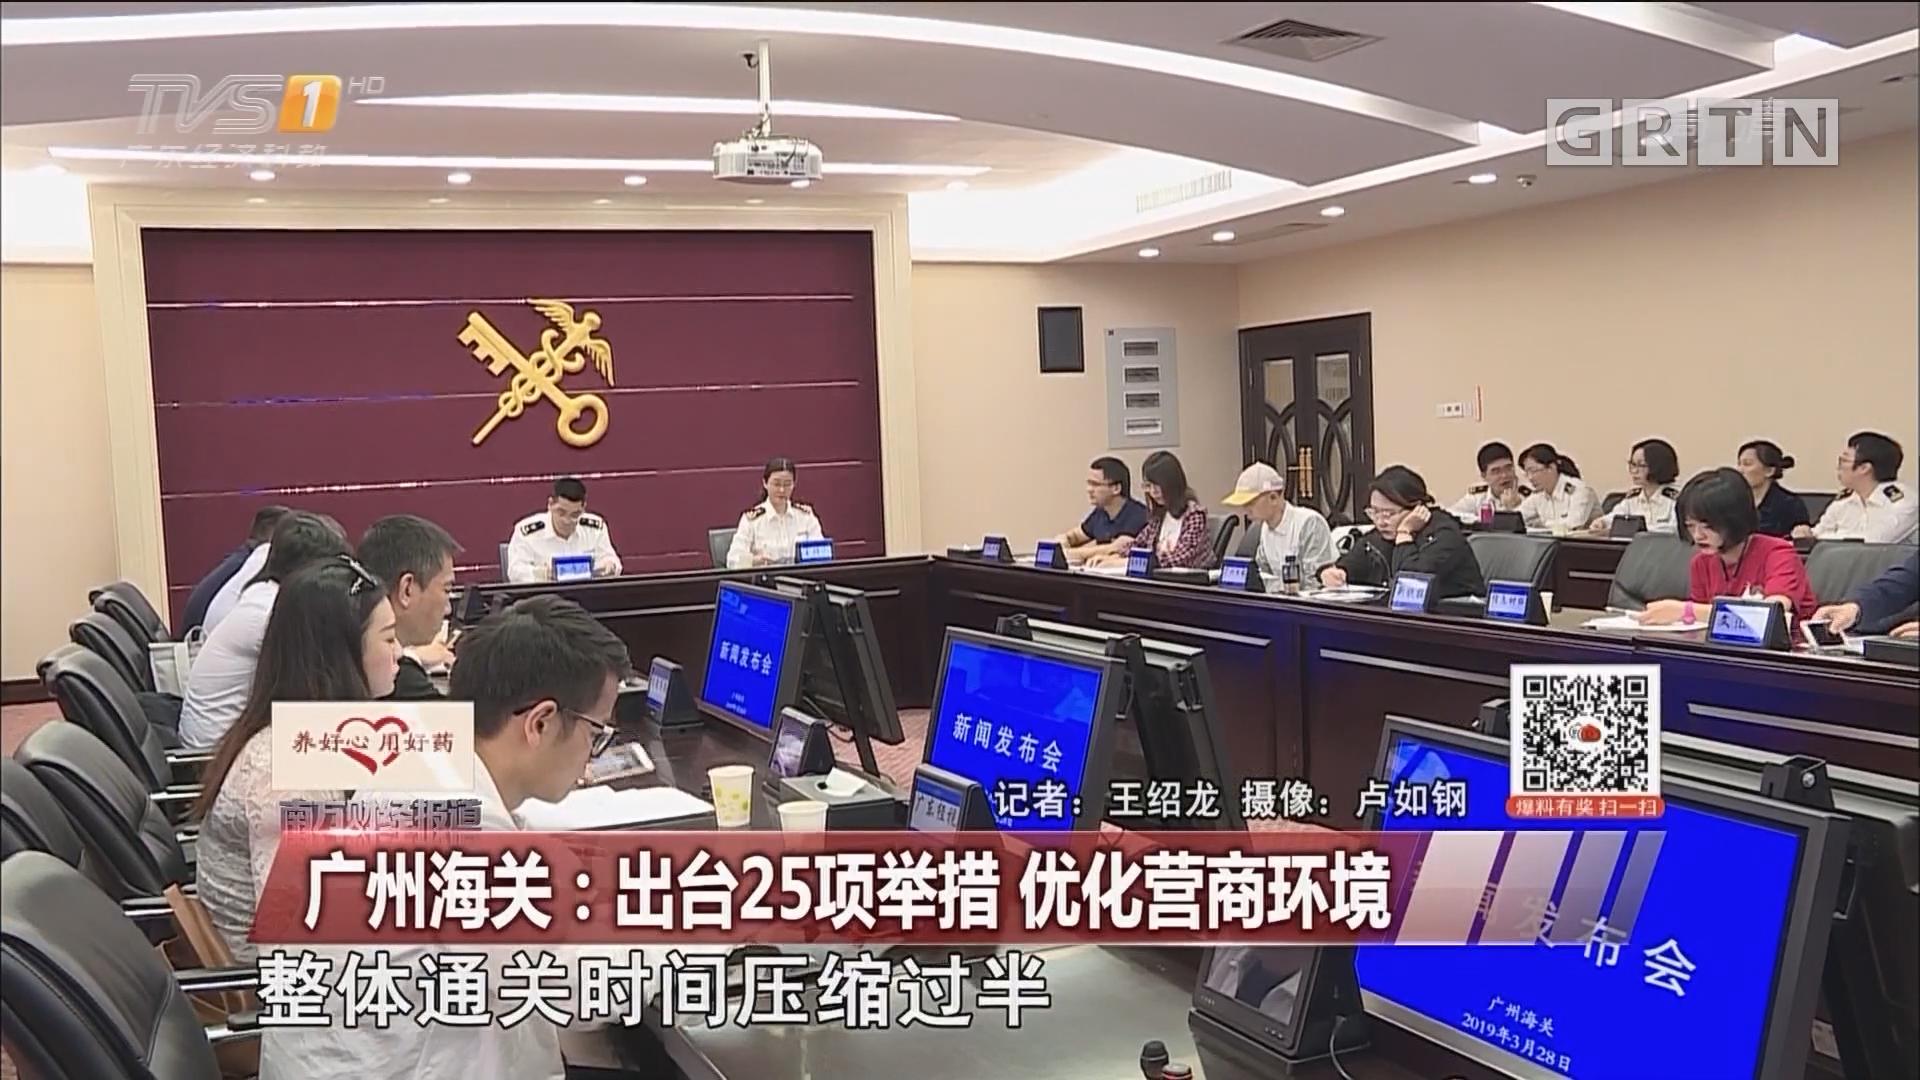 广州海关:出台25项举措 优化营商环境